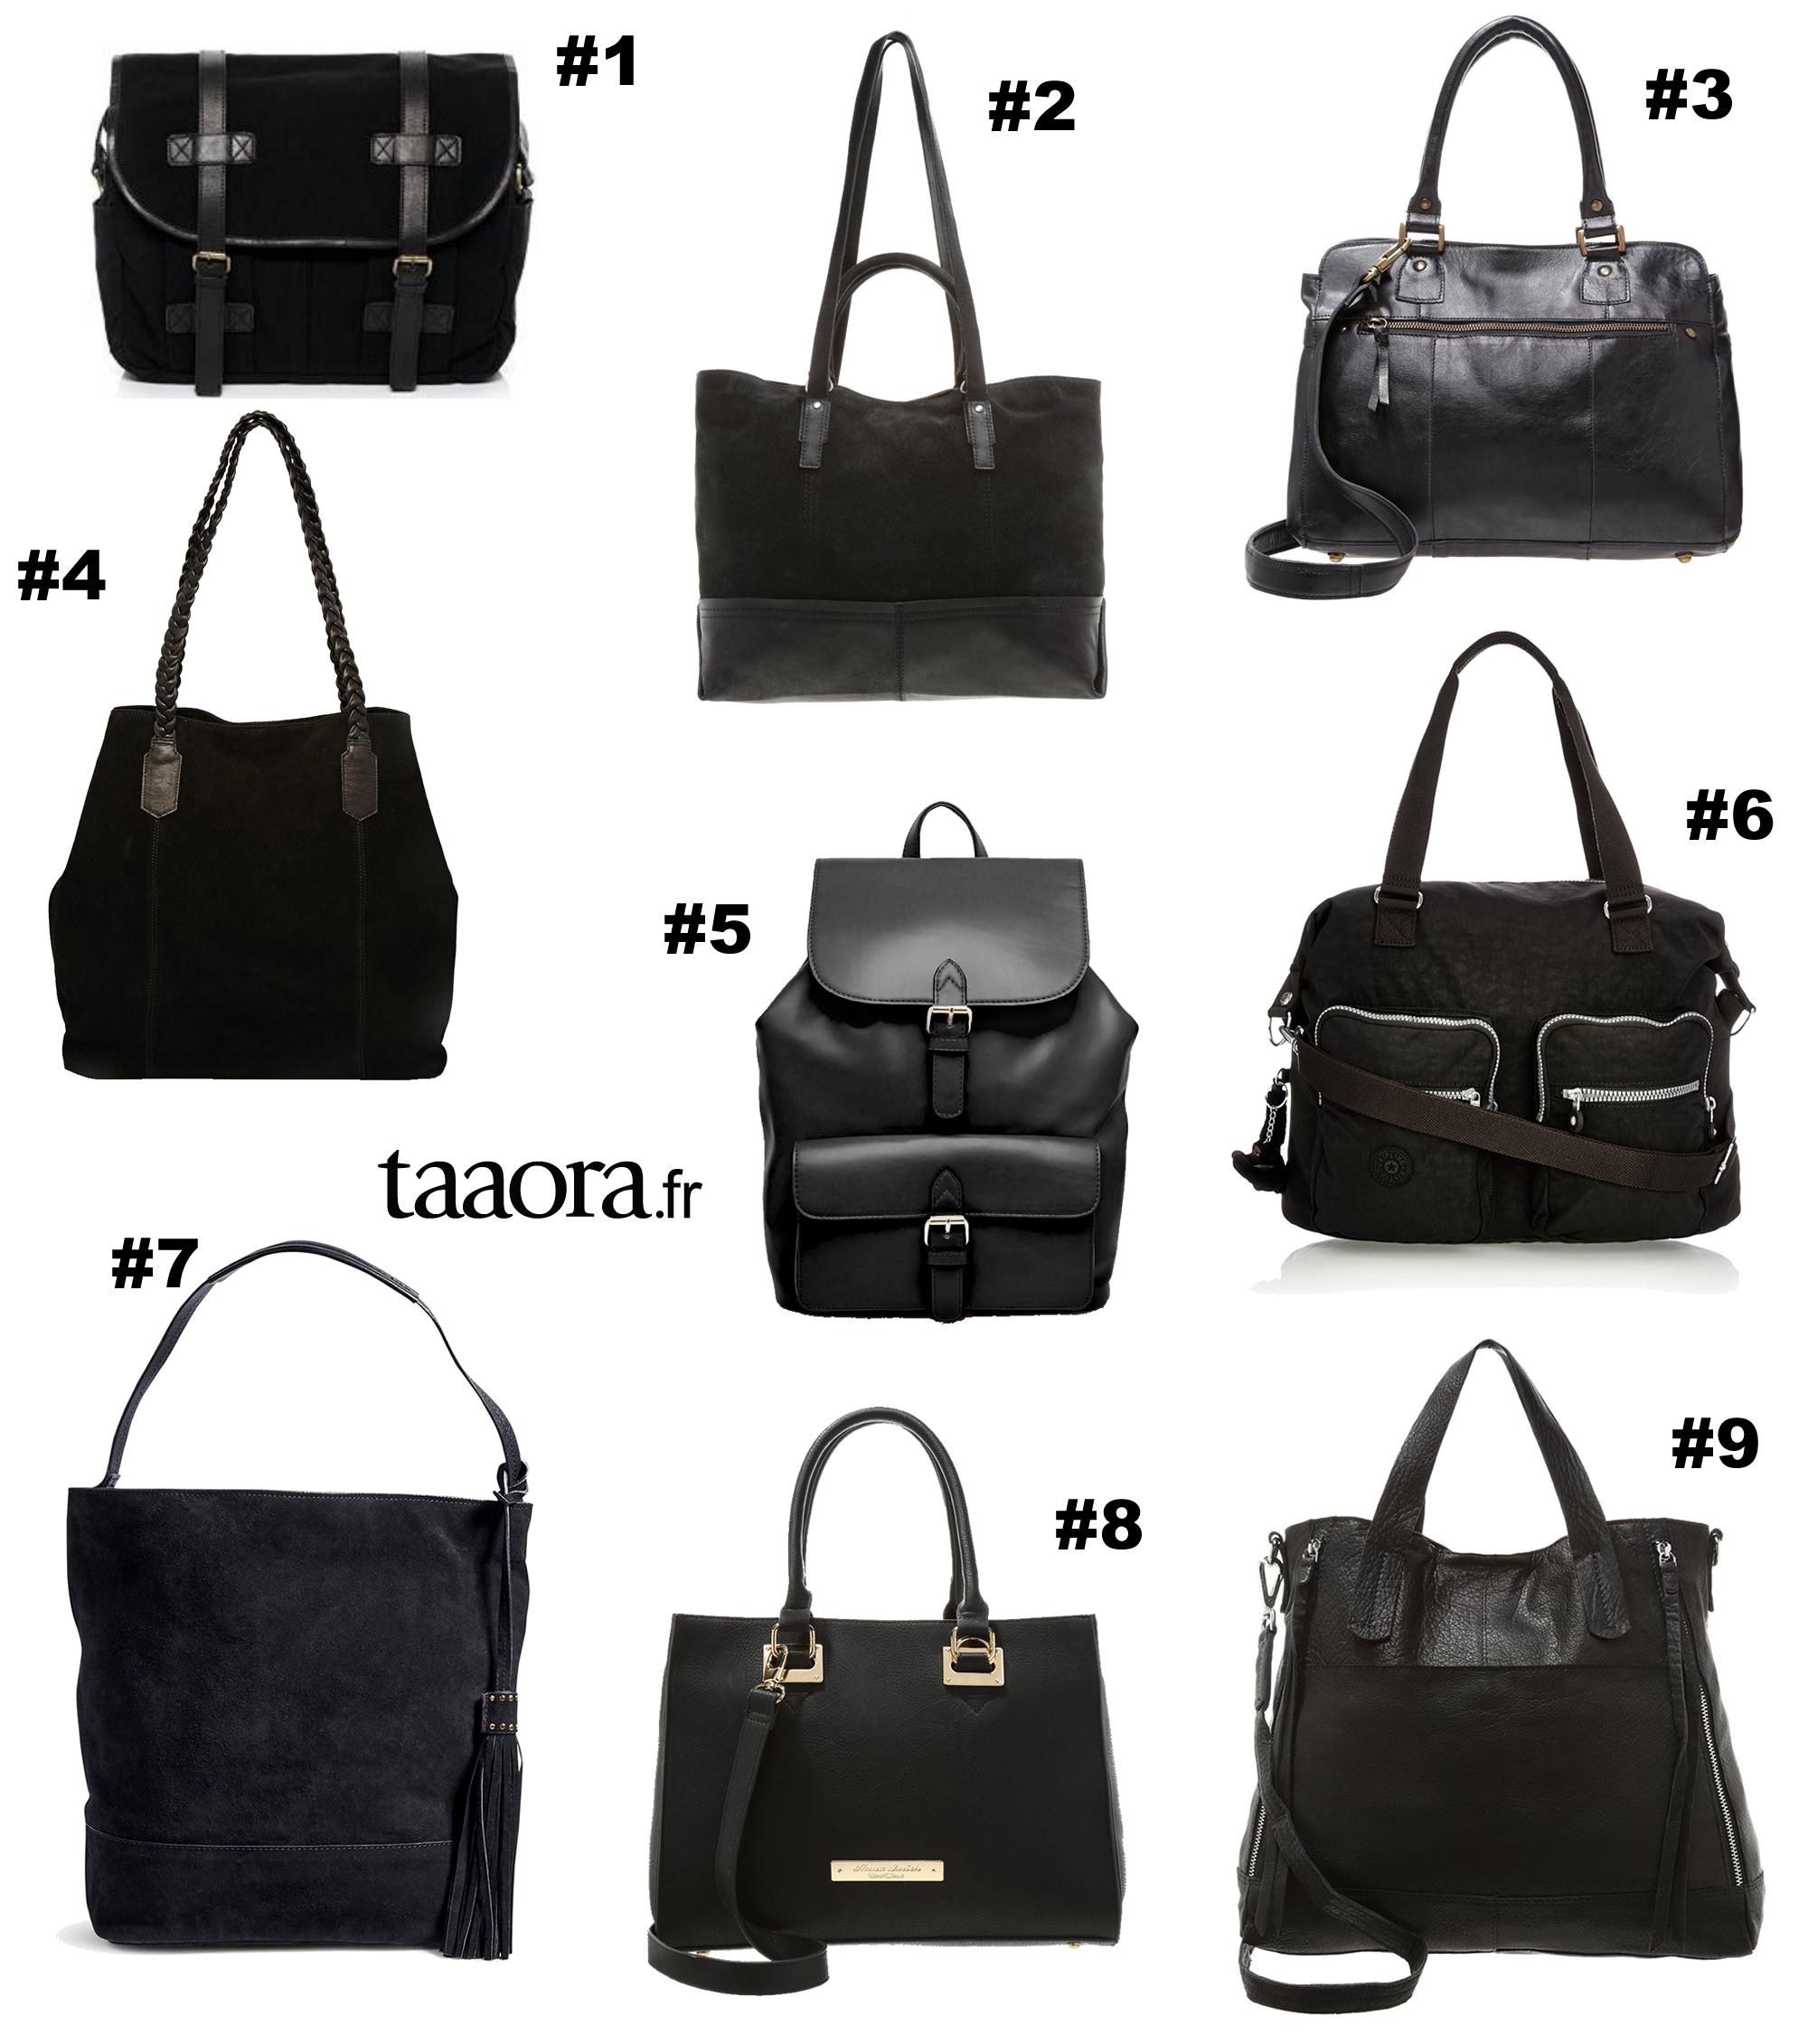 sacs noirs pour les cours 9 sacs pour la rentr e au coll ge au lyc e ou la fac taaora. Black Bedroom Furniture Sets. Home Design Ideas